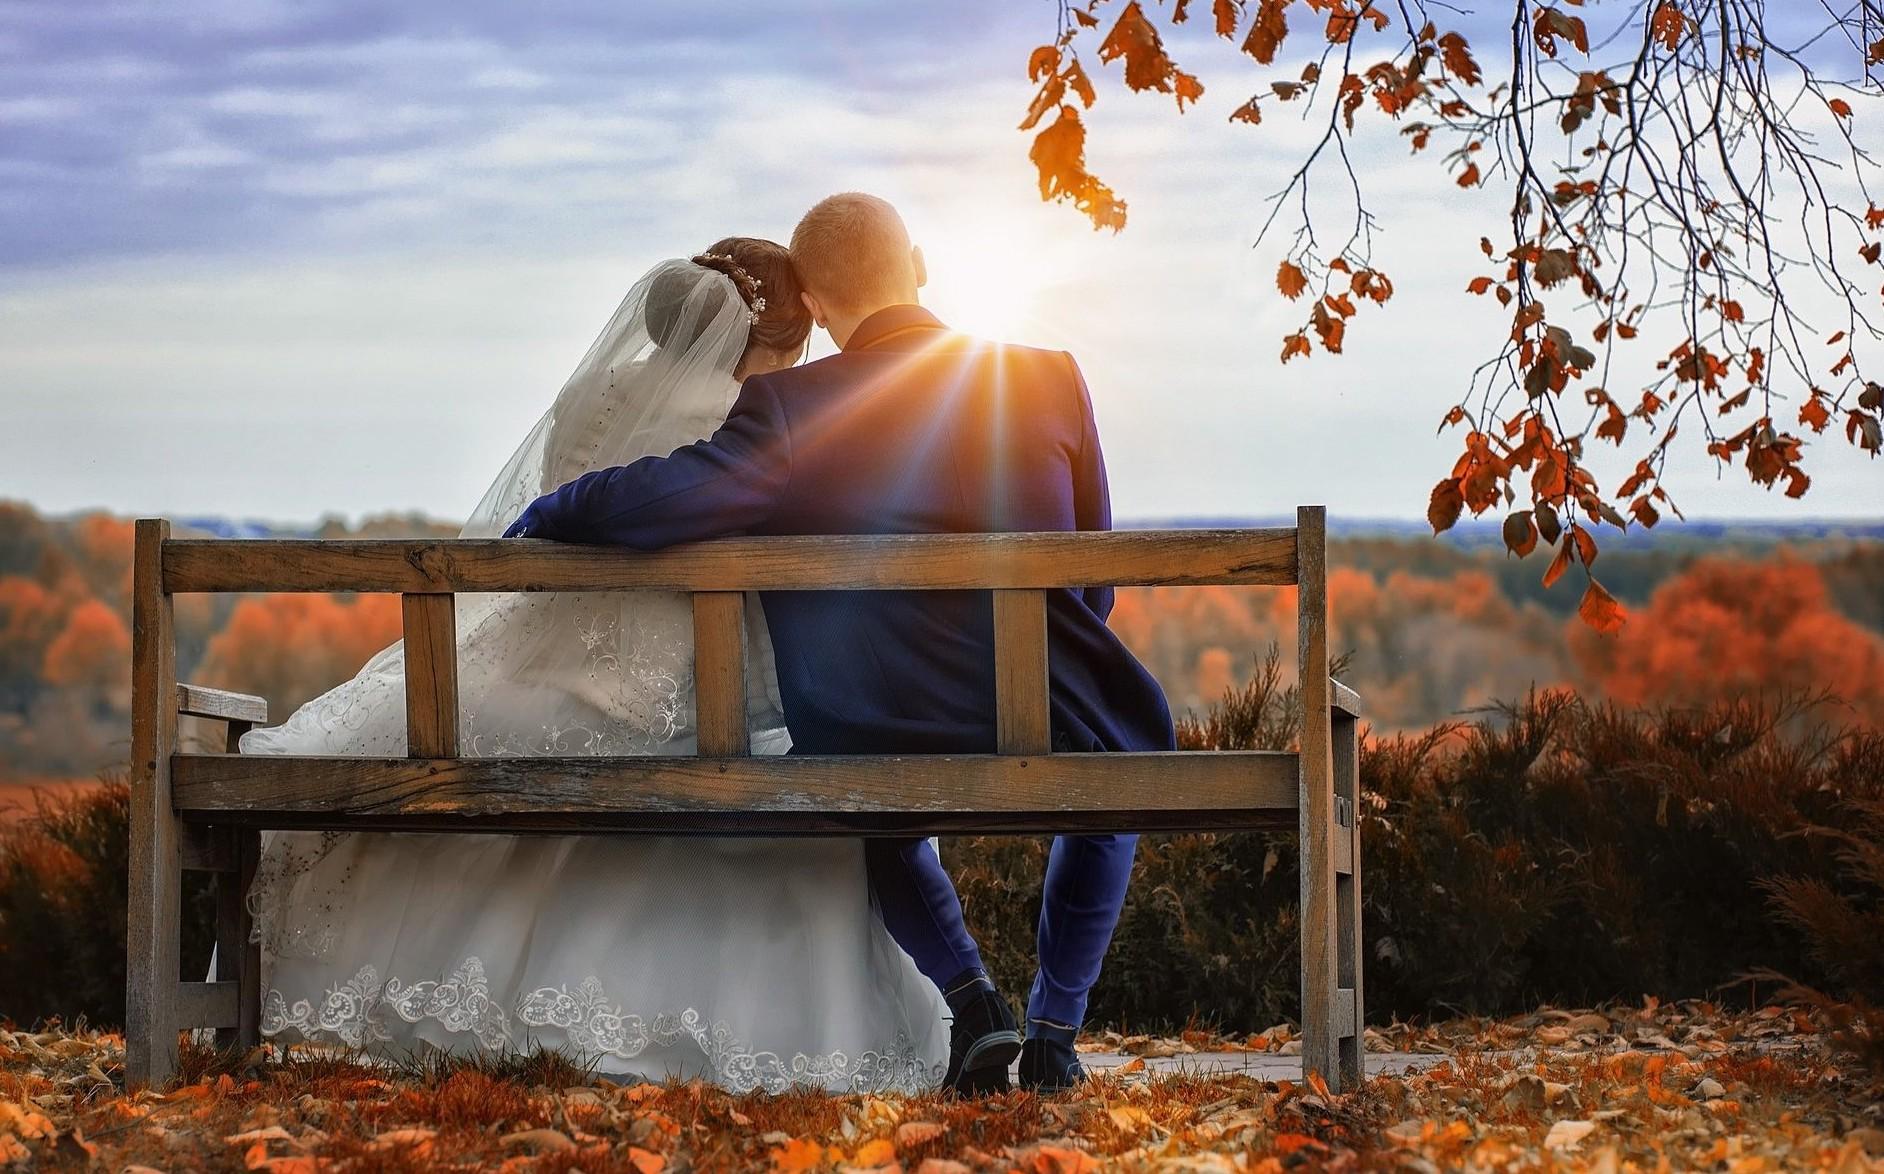 Separato coniuge dating